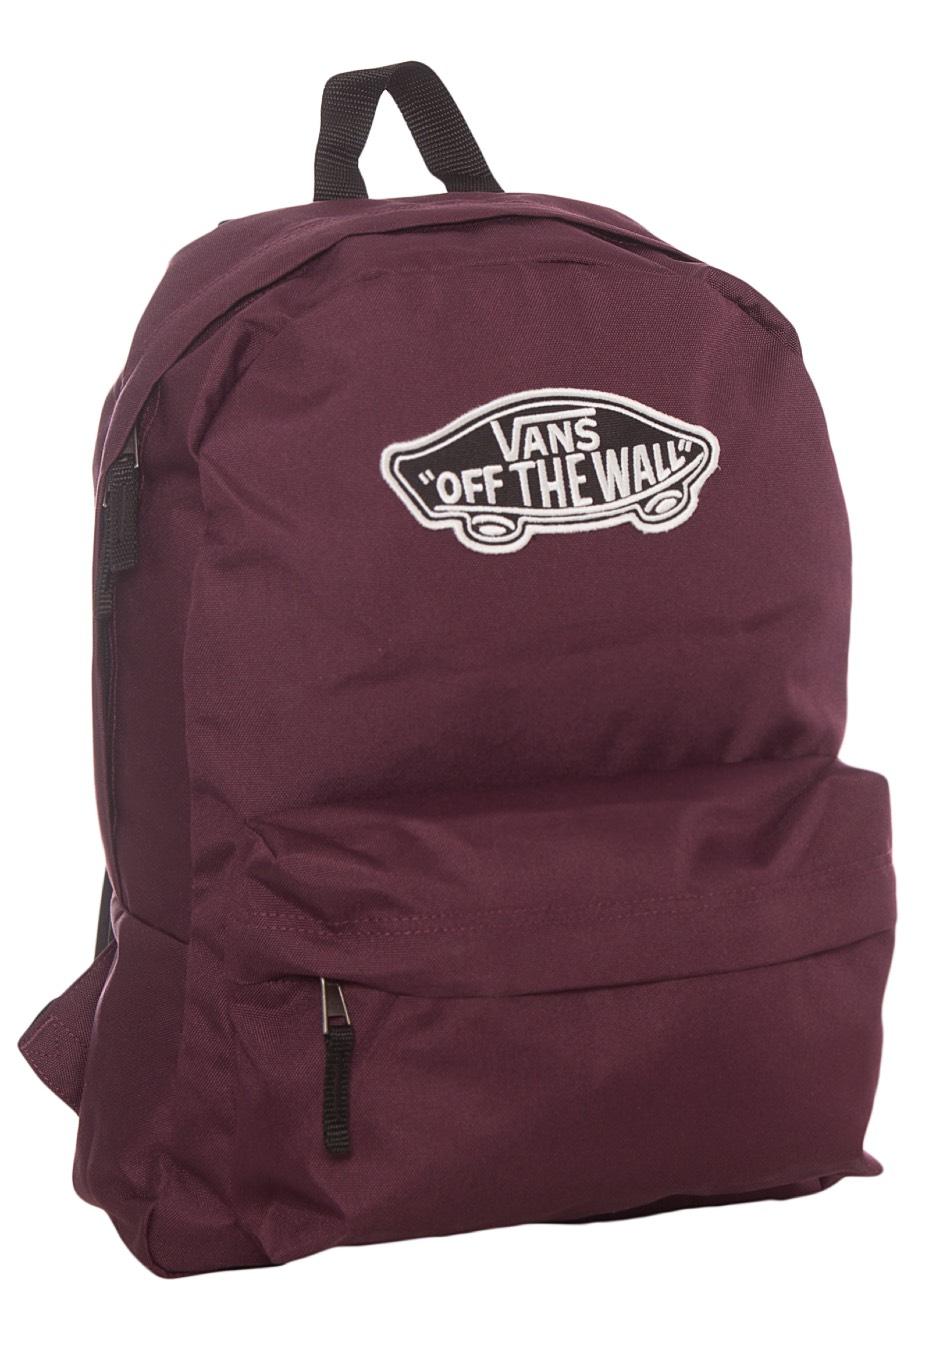 0b736cc0f4 Vans Women s Backpacks - ShopStyle. Vans Backpack Bags ...